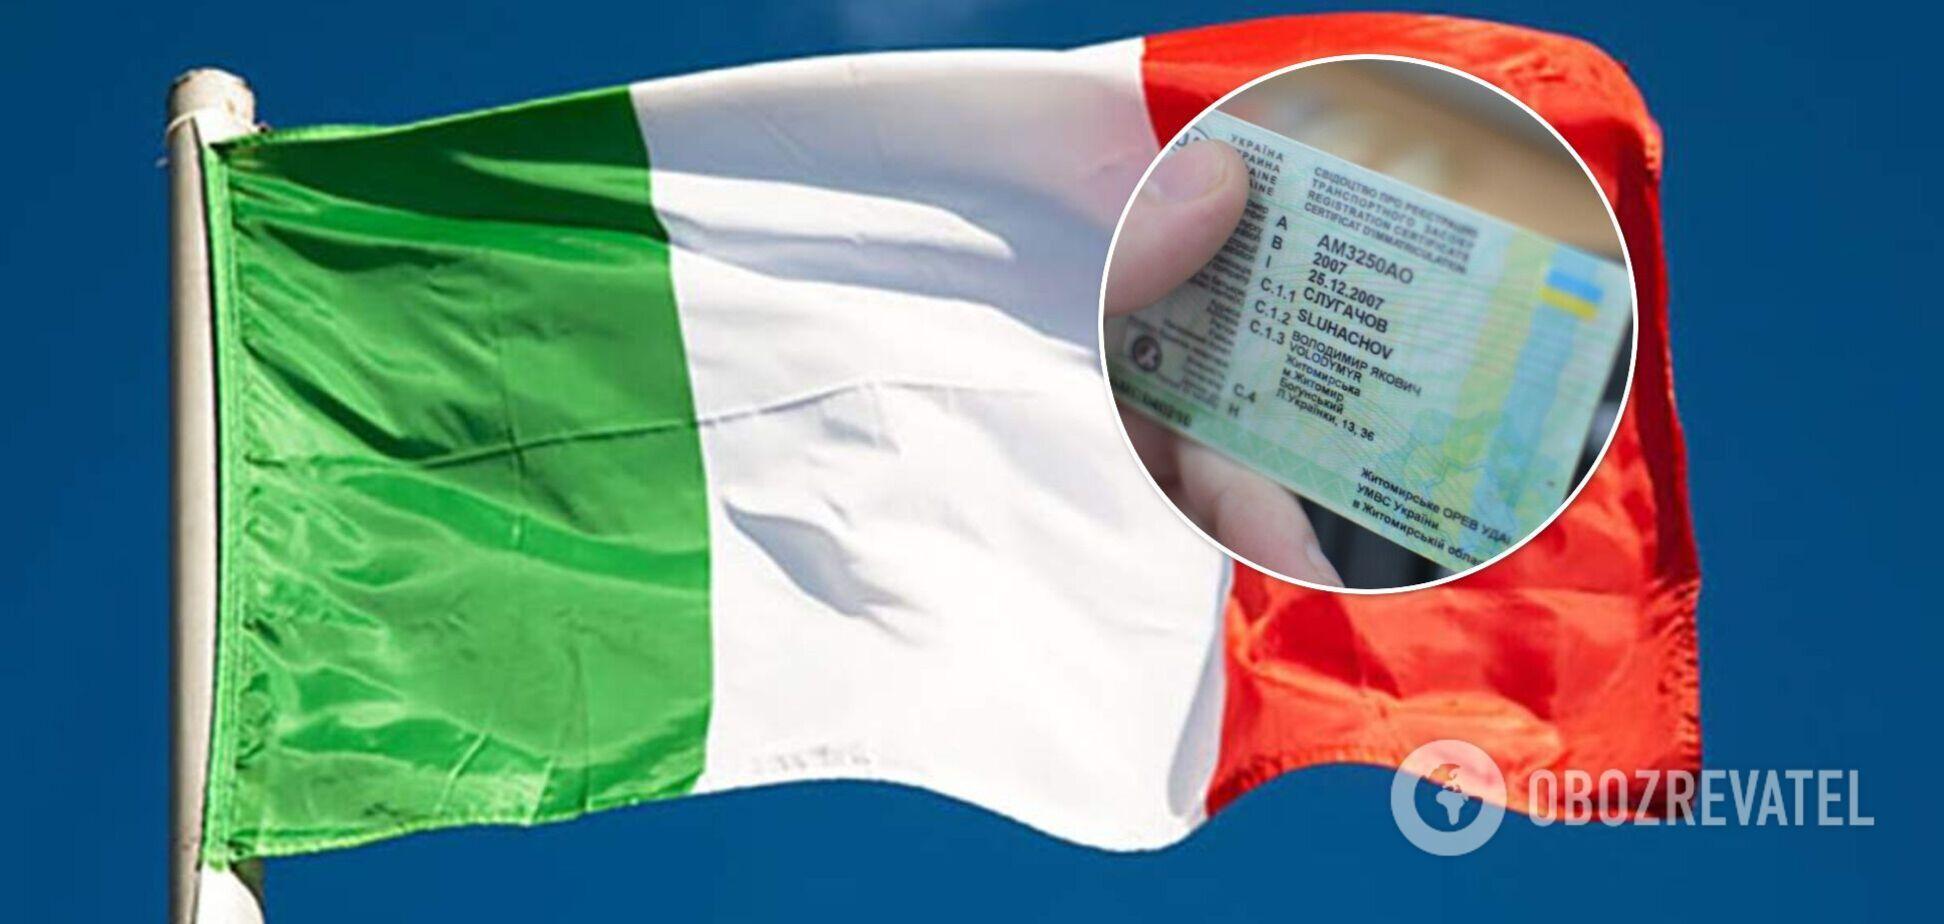 Итальянский флаг и украинские водительские права